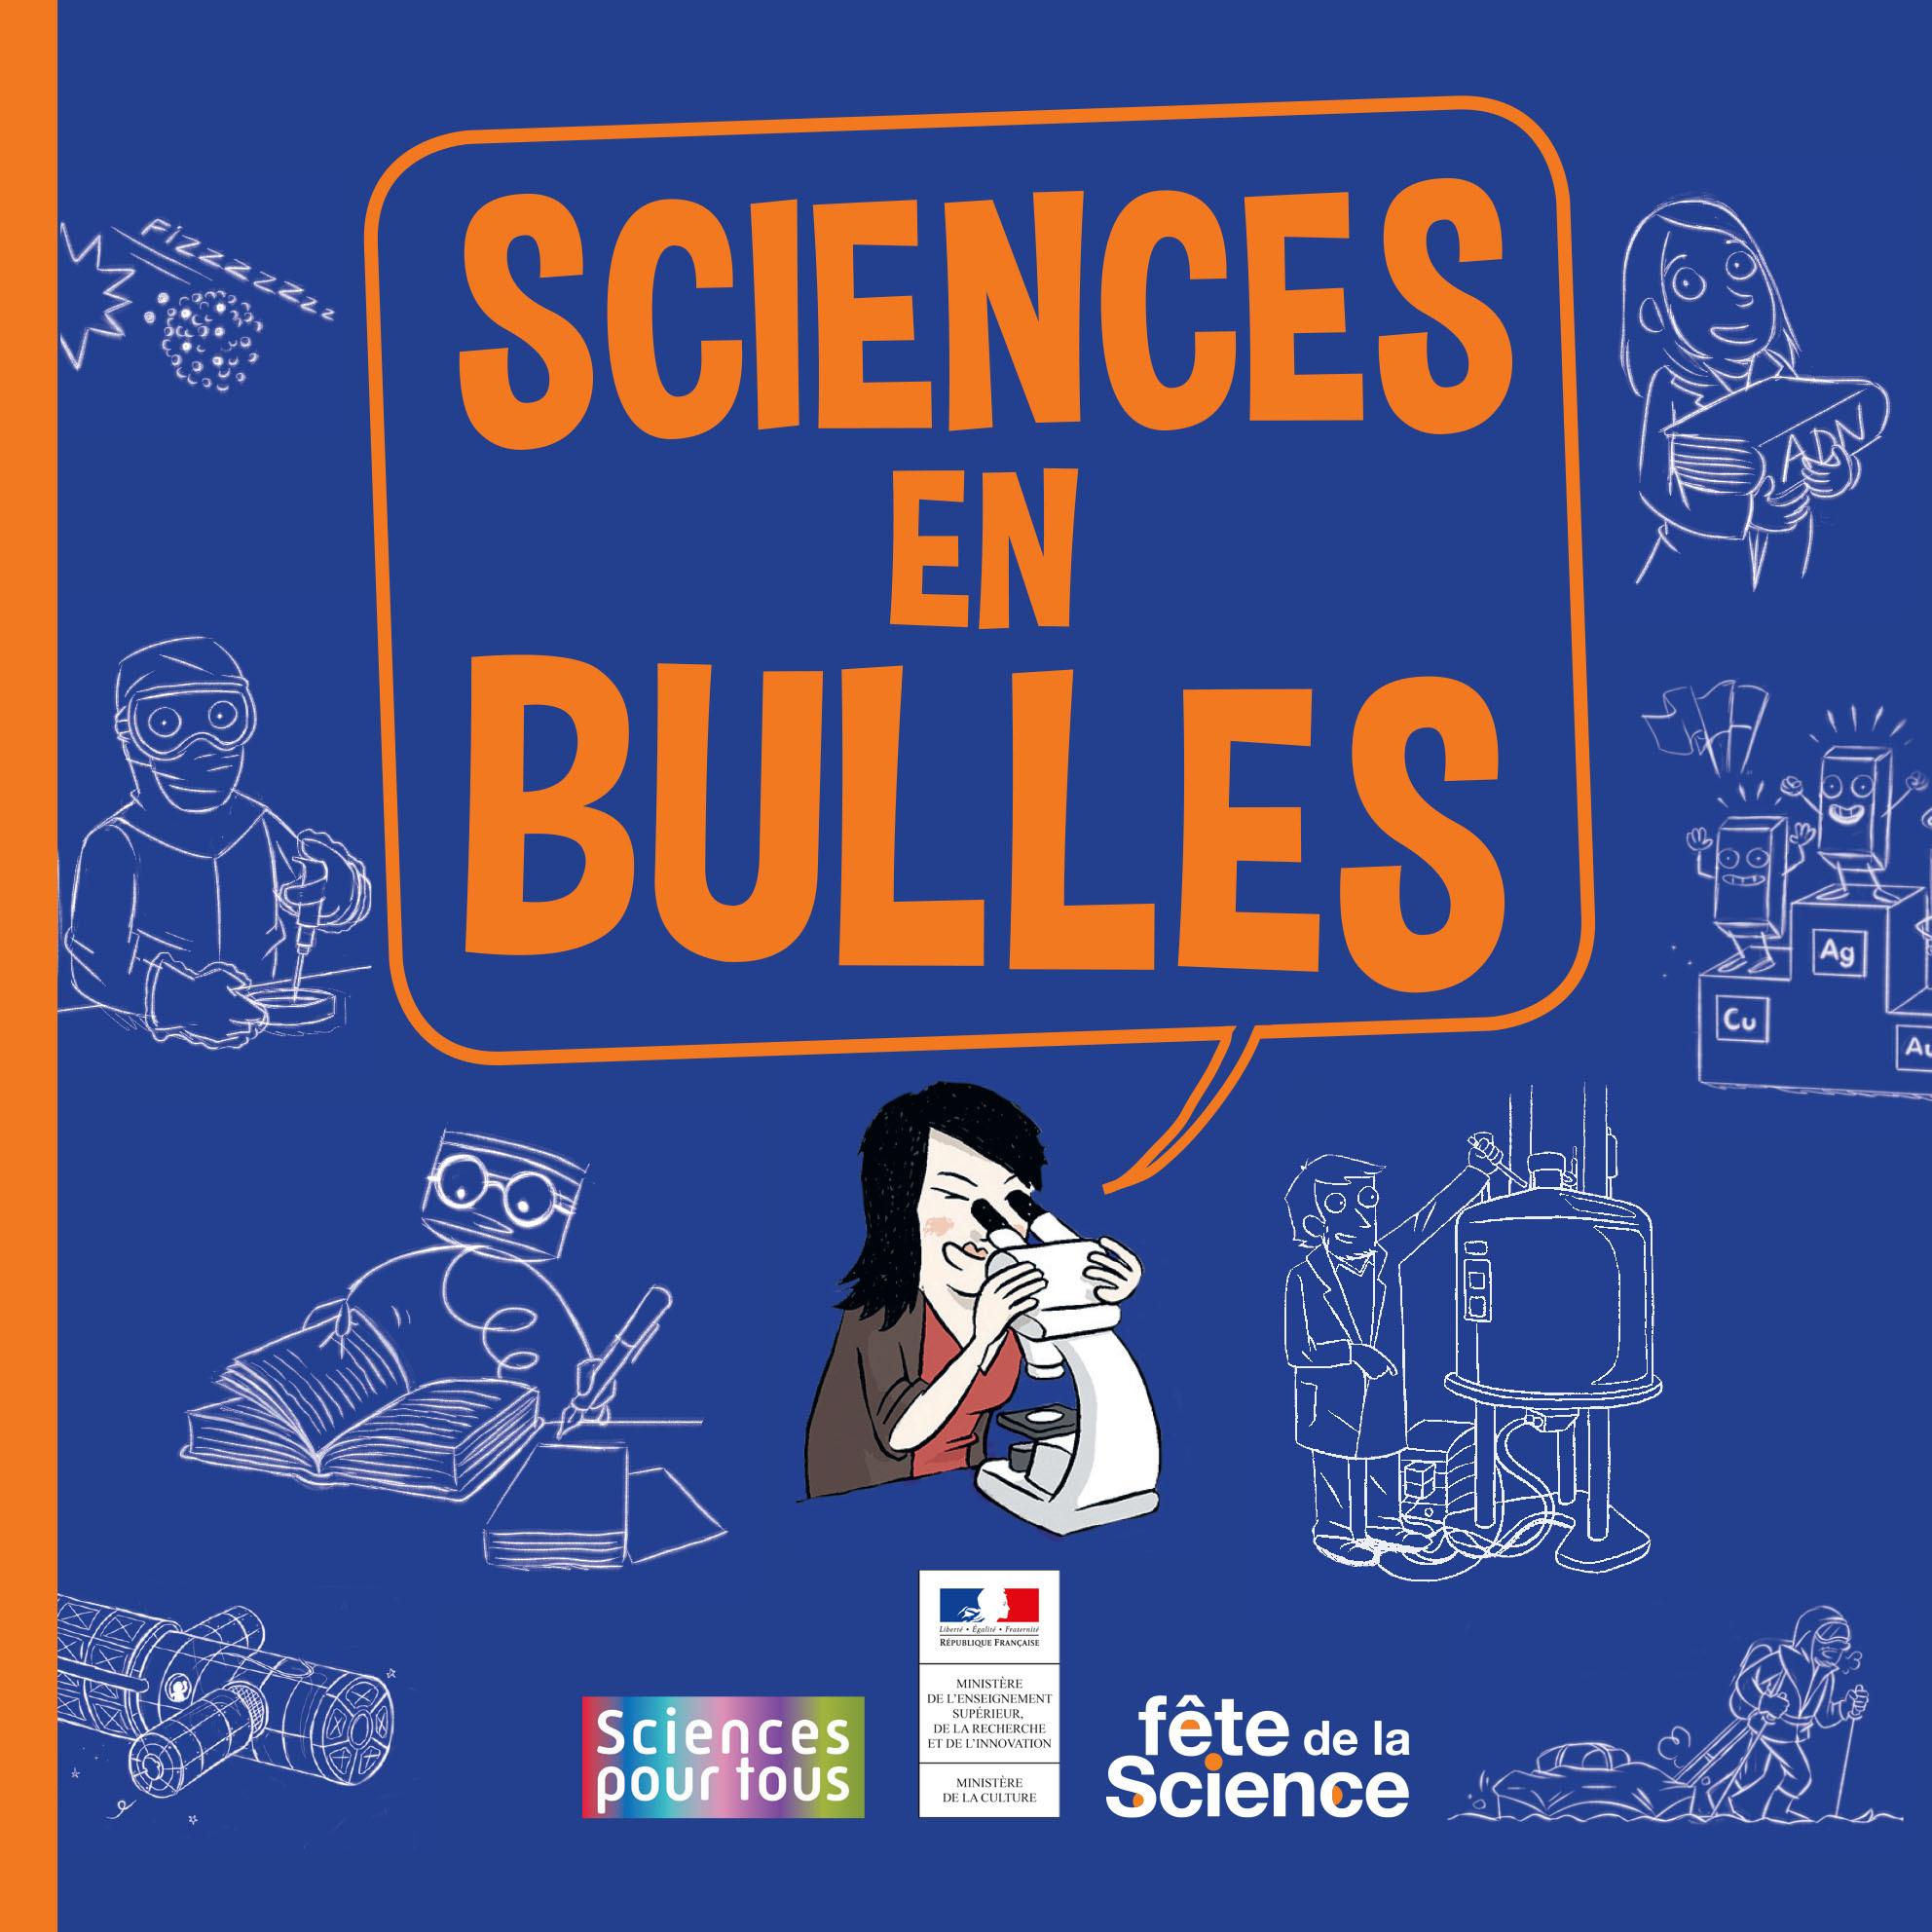 Sciences en bulles